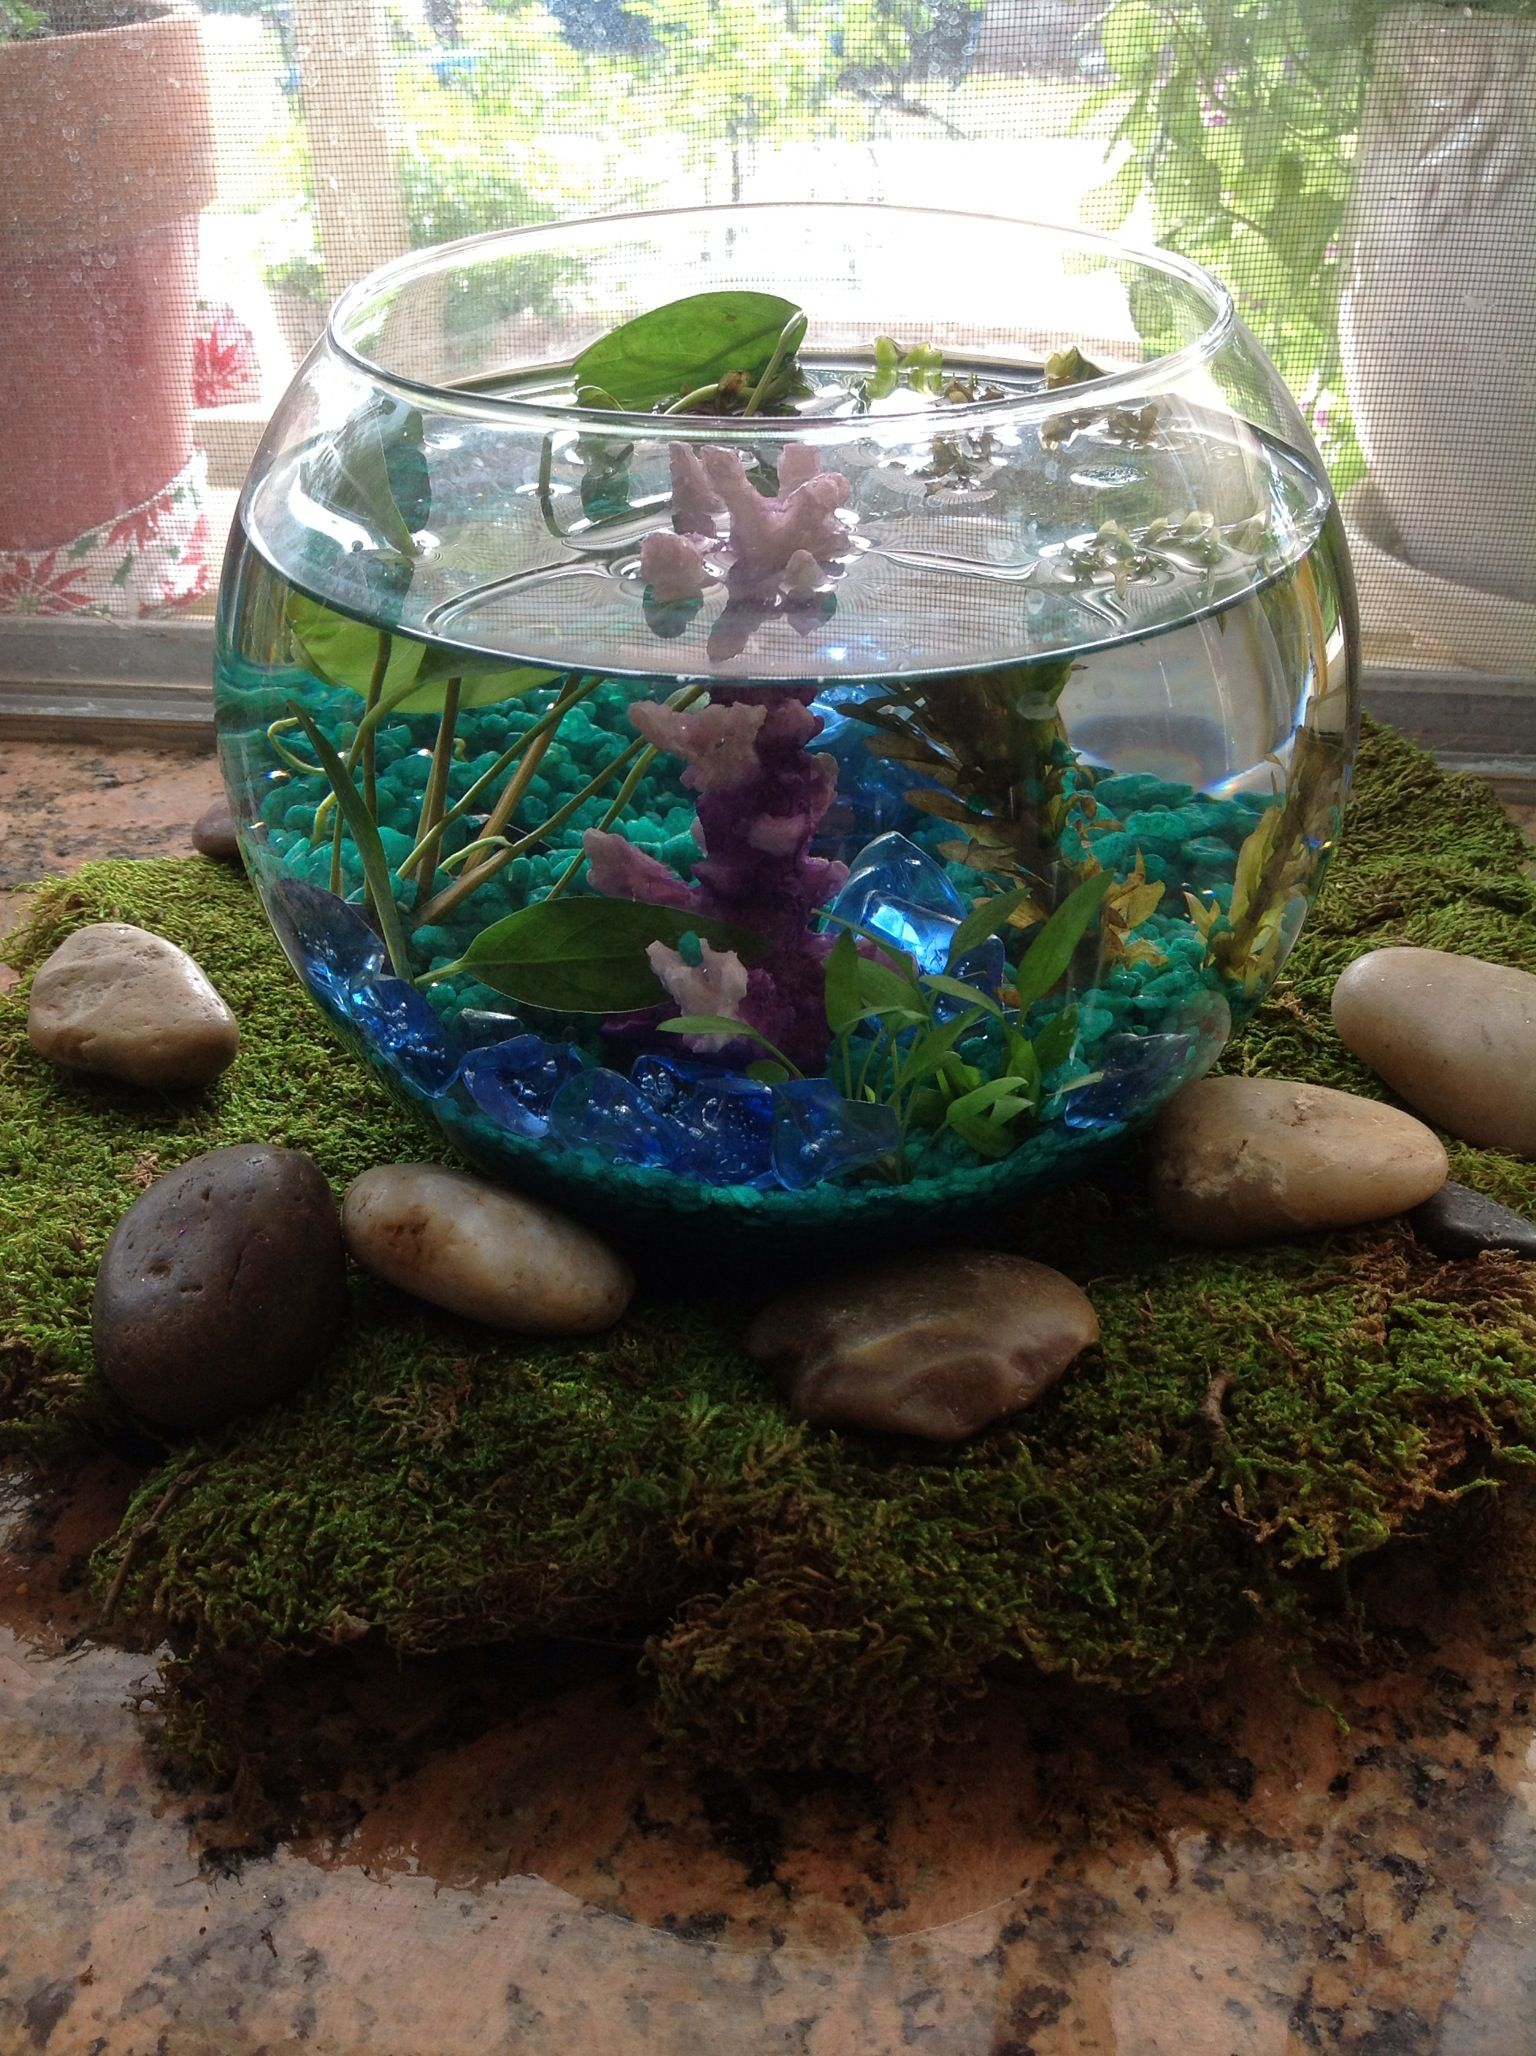 Live plant aquarium. No fish! Aquatic Gardens and Aquarium Life P ...